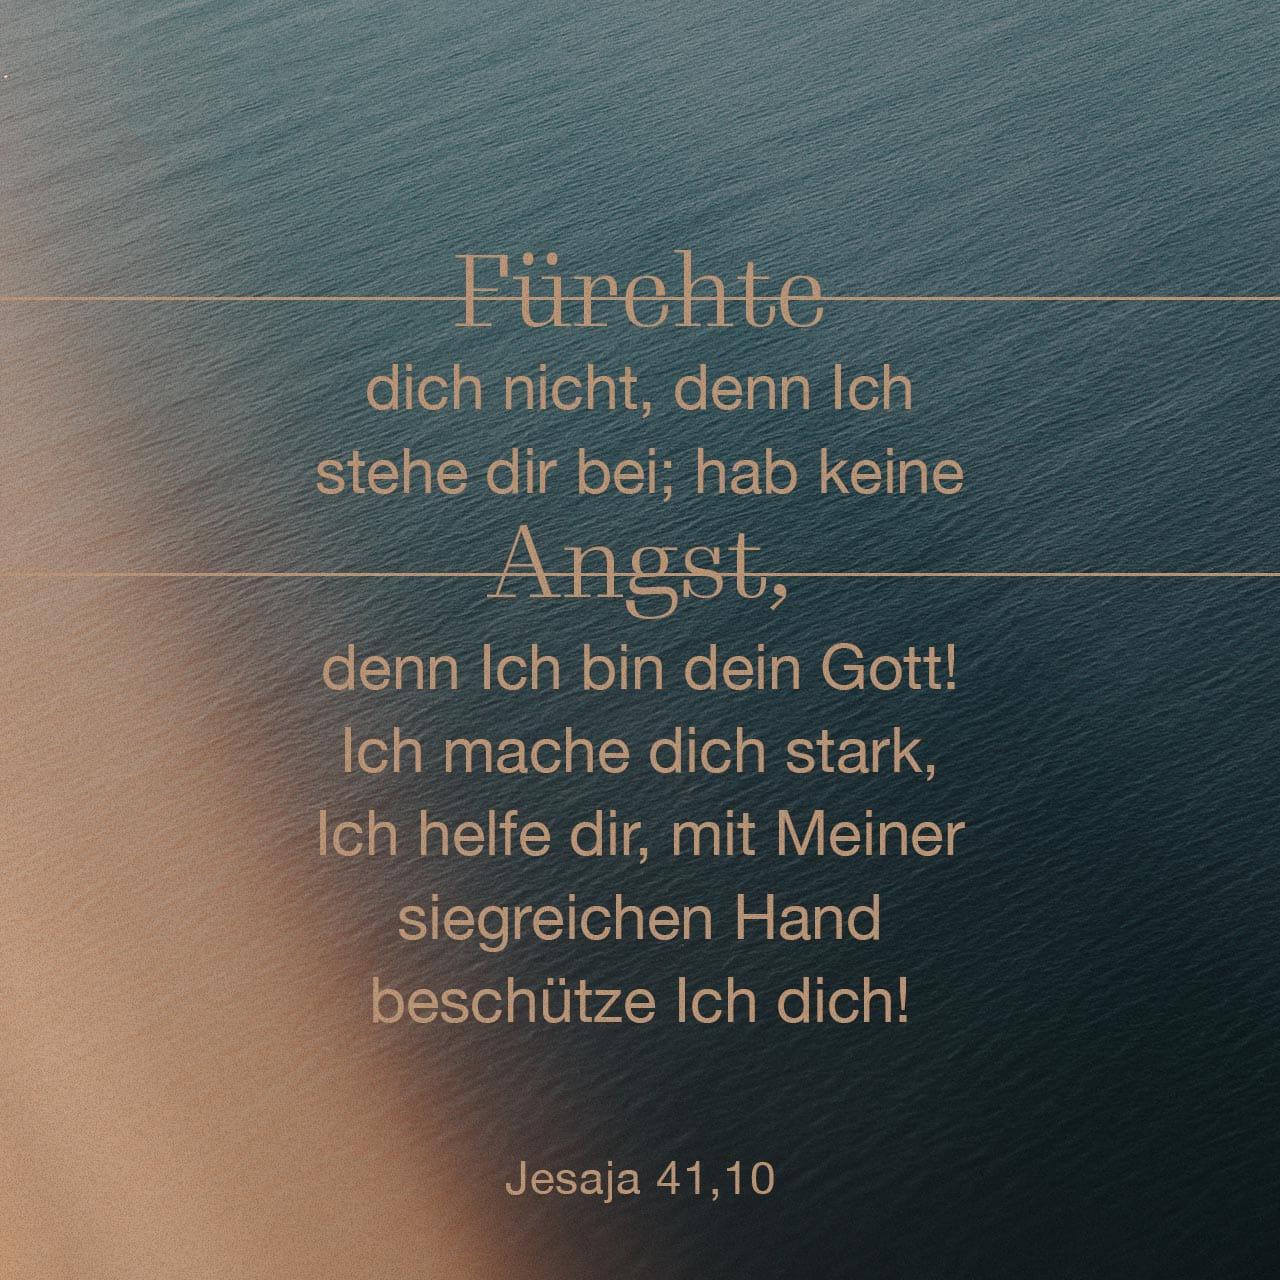 Versbild für Jesaja 41,10 - Fürchte dich nicht, denn Ich stehe dir bei; hab keine Angst, denn Ich bin dein Gott! Ich mache dich stark, Ich helfe dir, mit Meiner siegreichen Hand beschütze Ich dich!